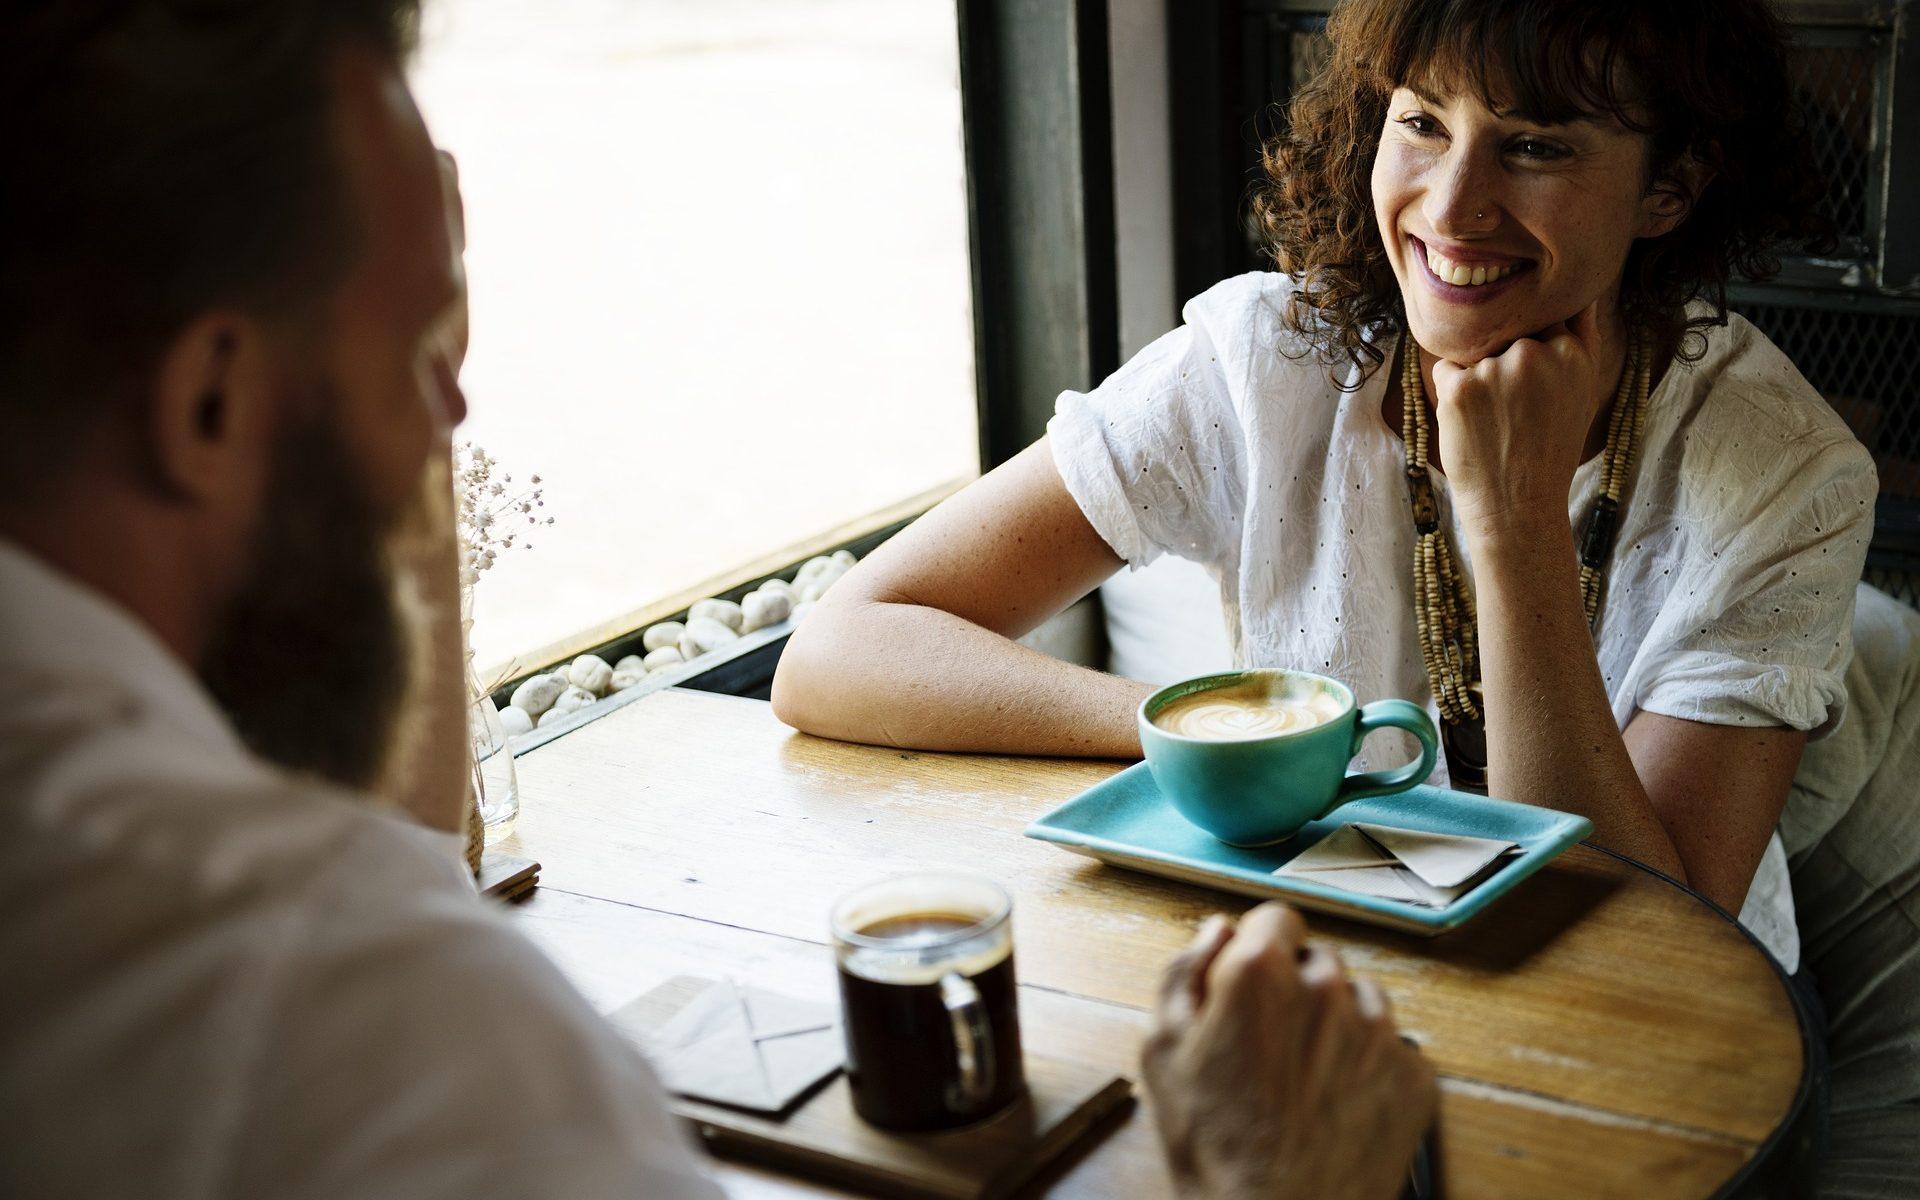 Mann und Frau flirten beim Kaffee trinken